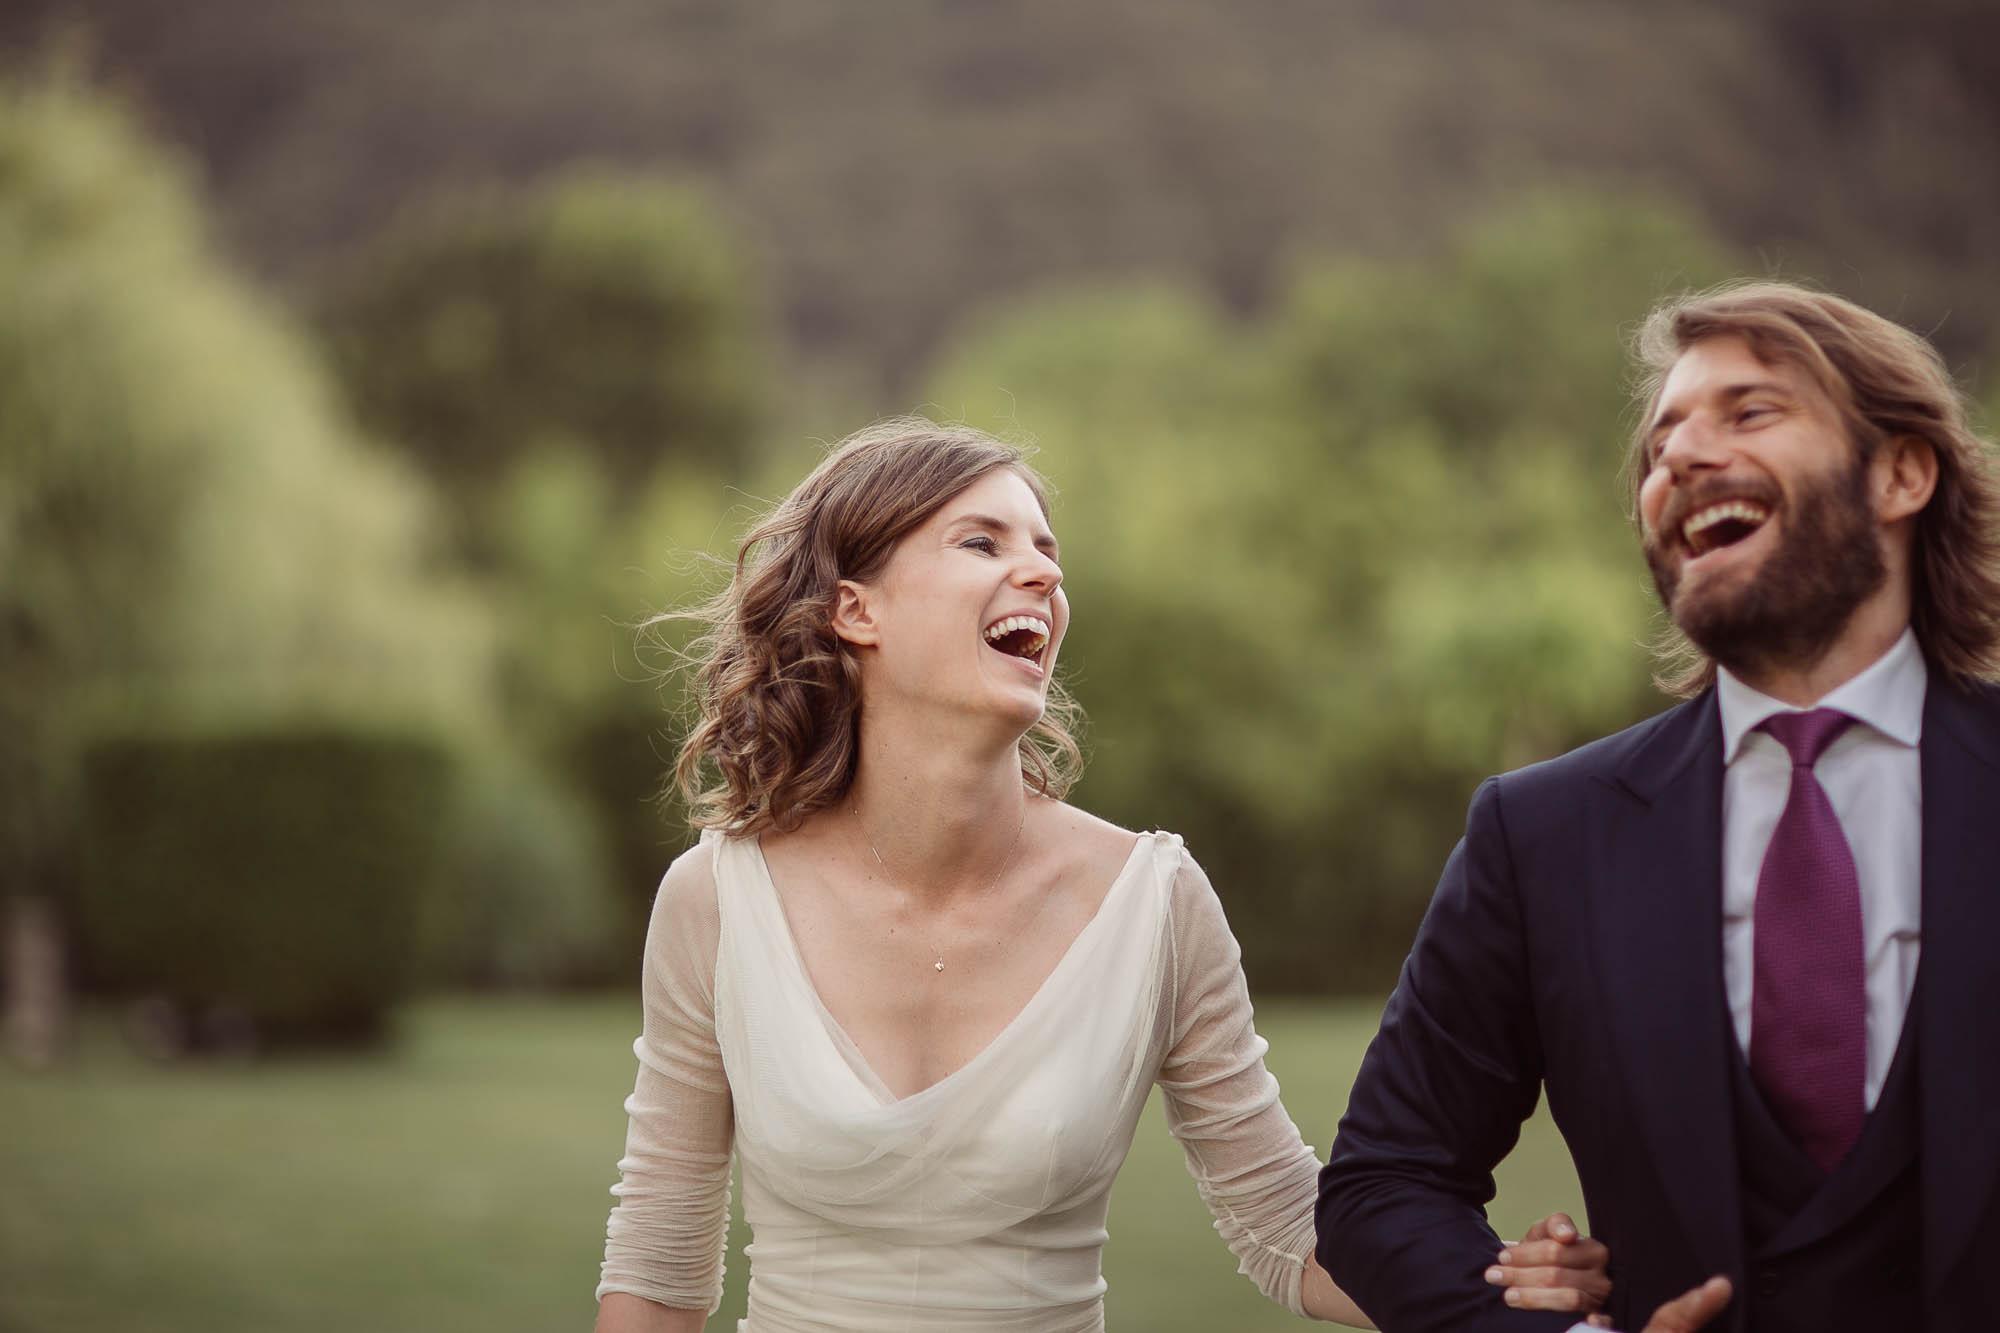 Marido y mujer riéndose mientras caminan por el jardin